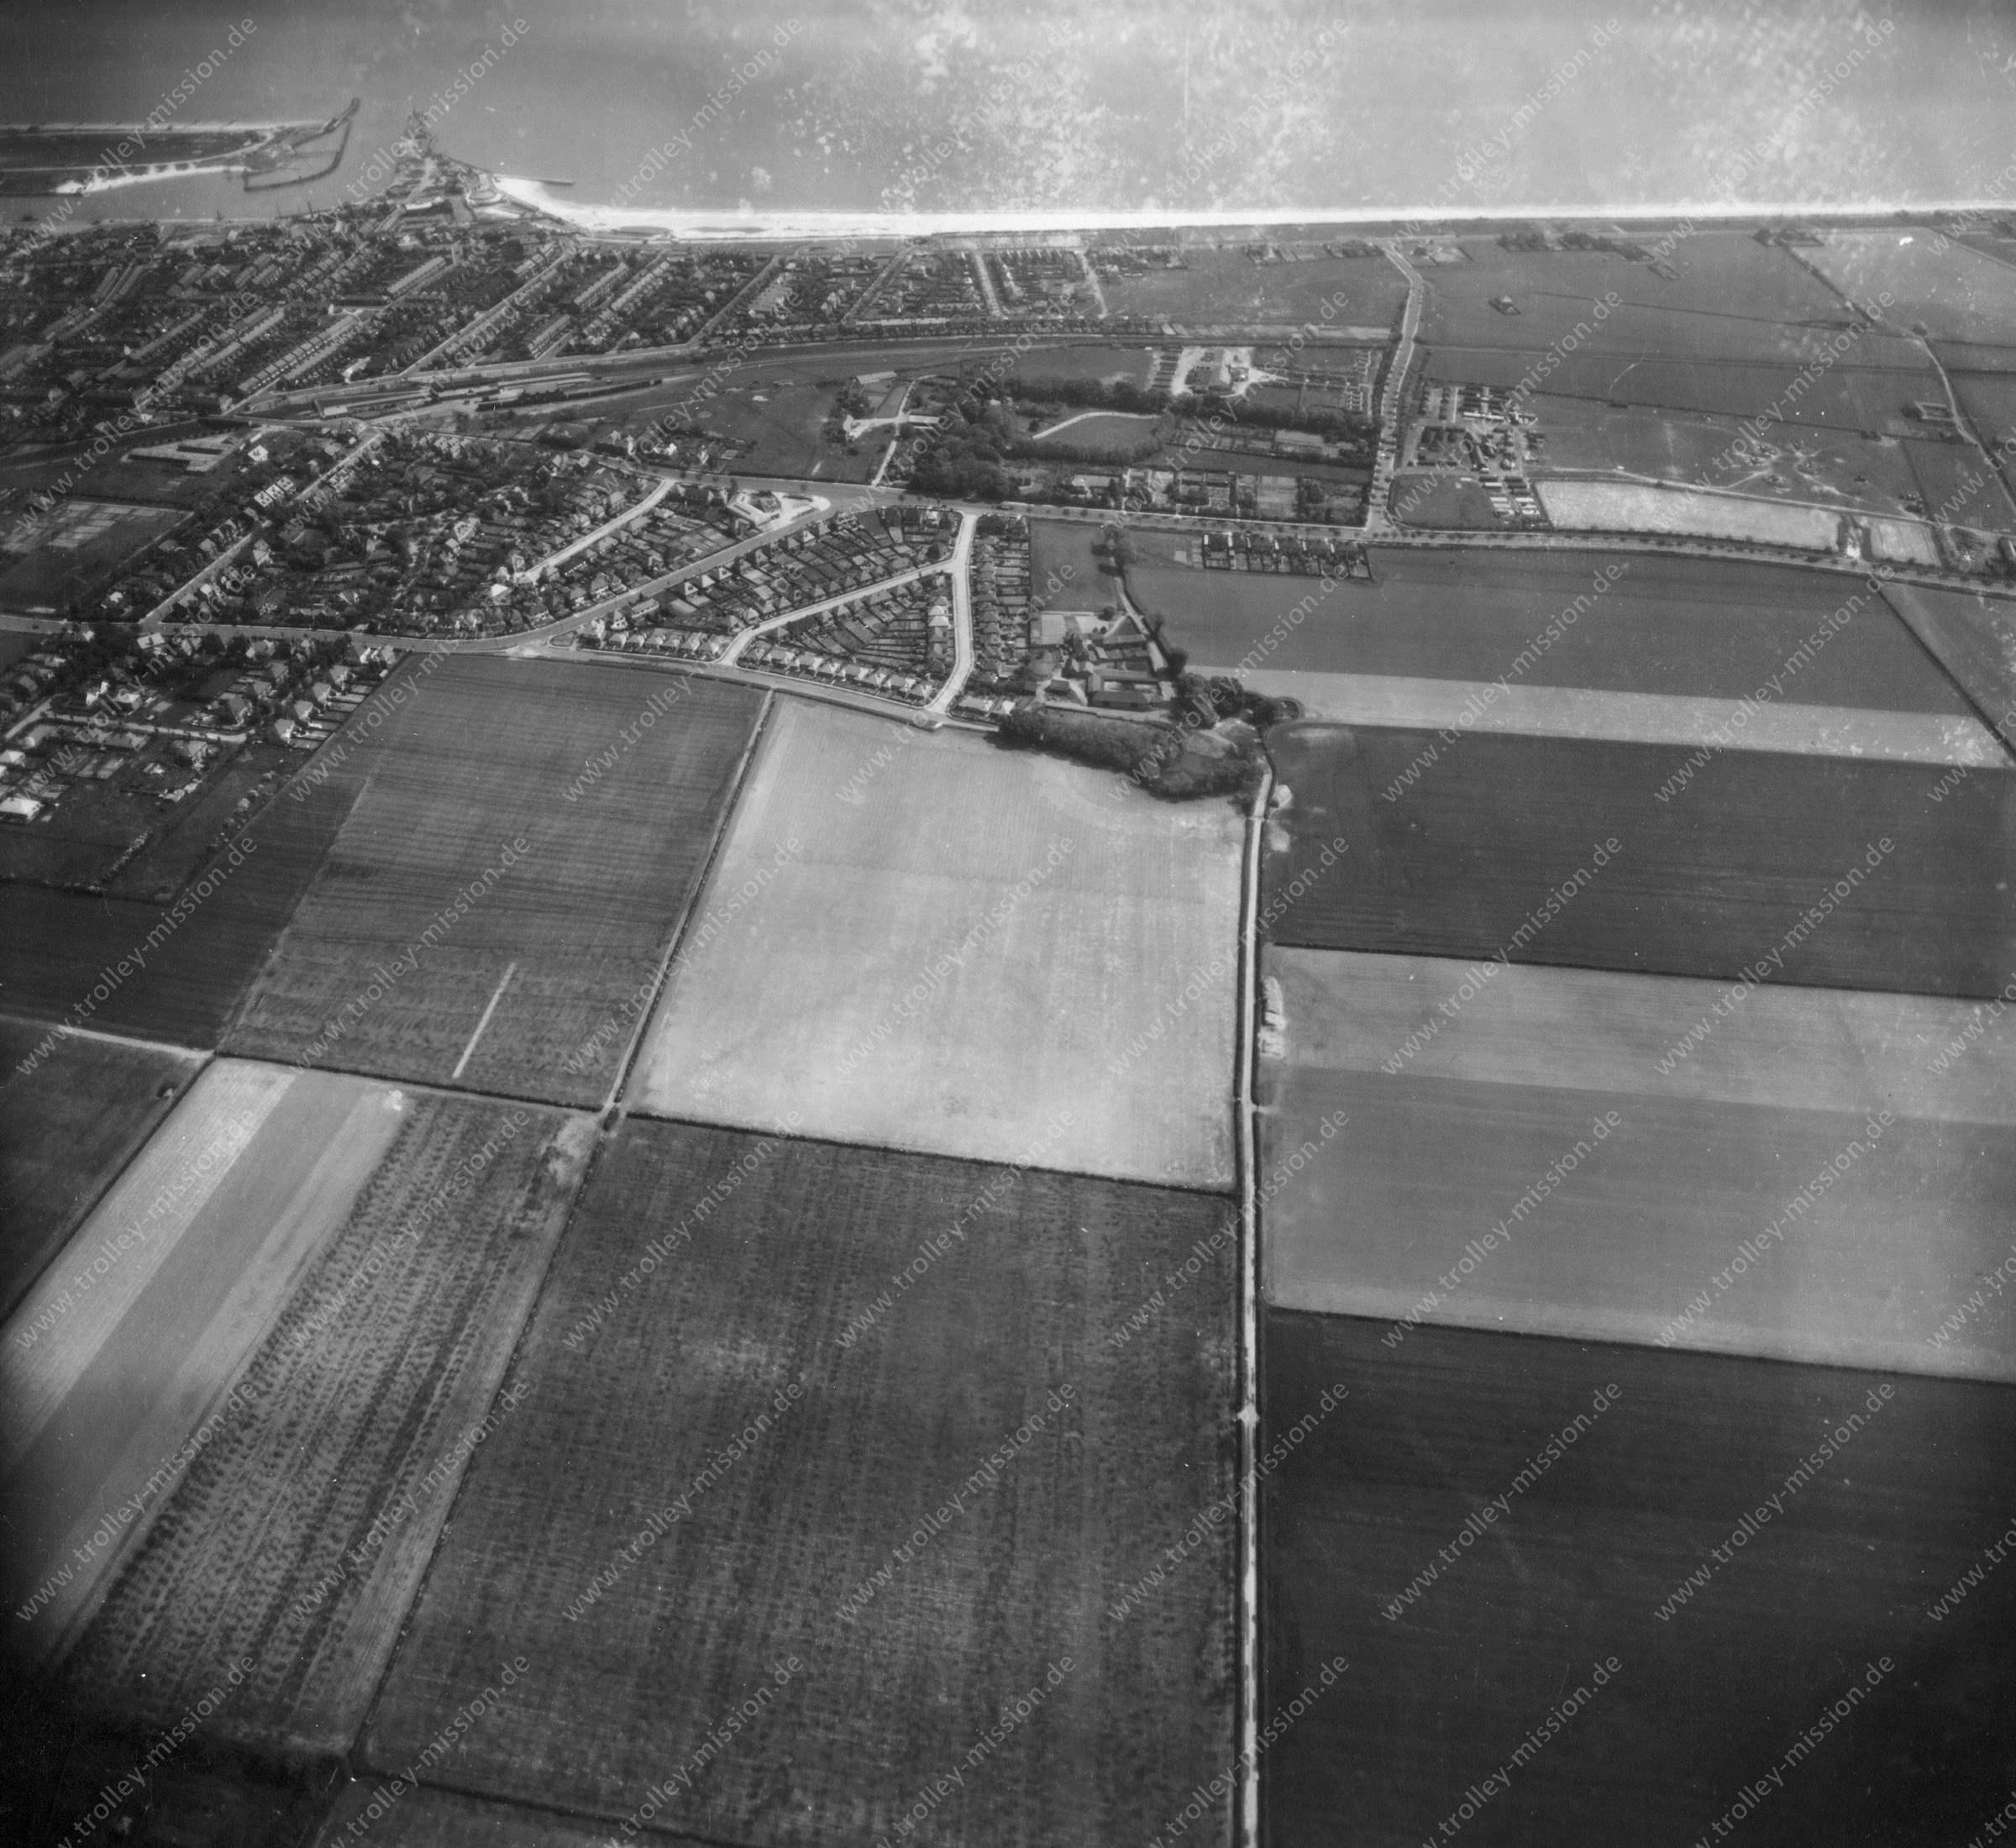 Great Yarmouth 1945 Luftbild 1/2 K-24 Aerial Surveillance Camera US Air Force (Großbritannien)